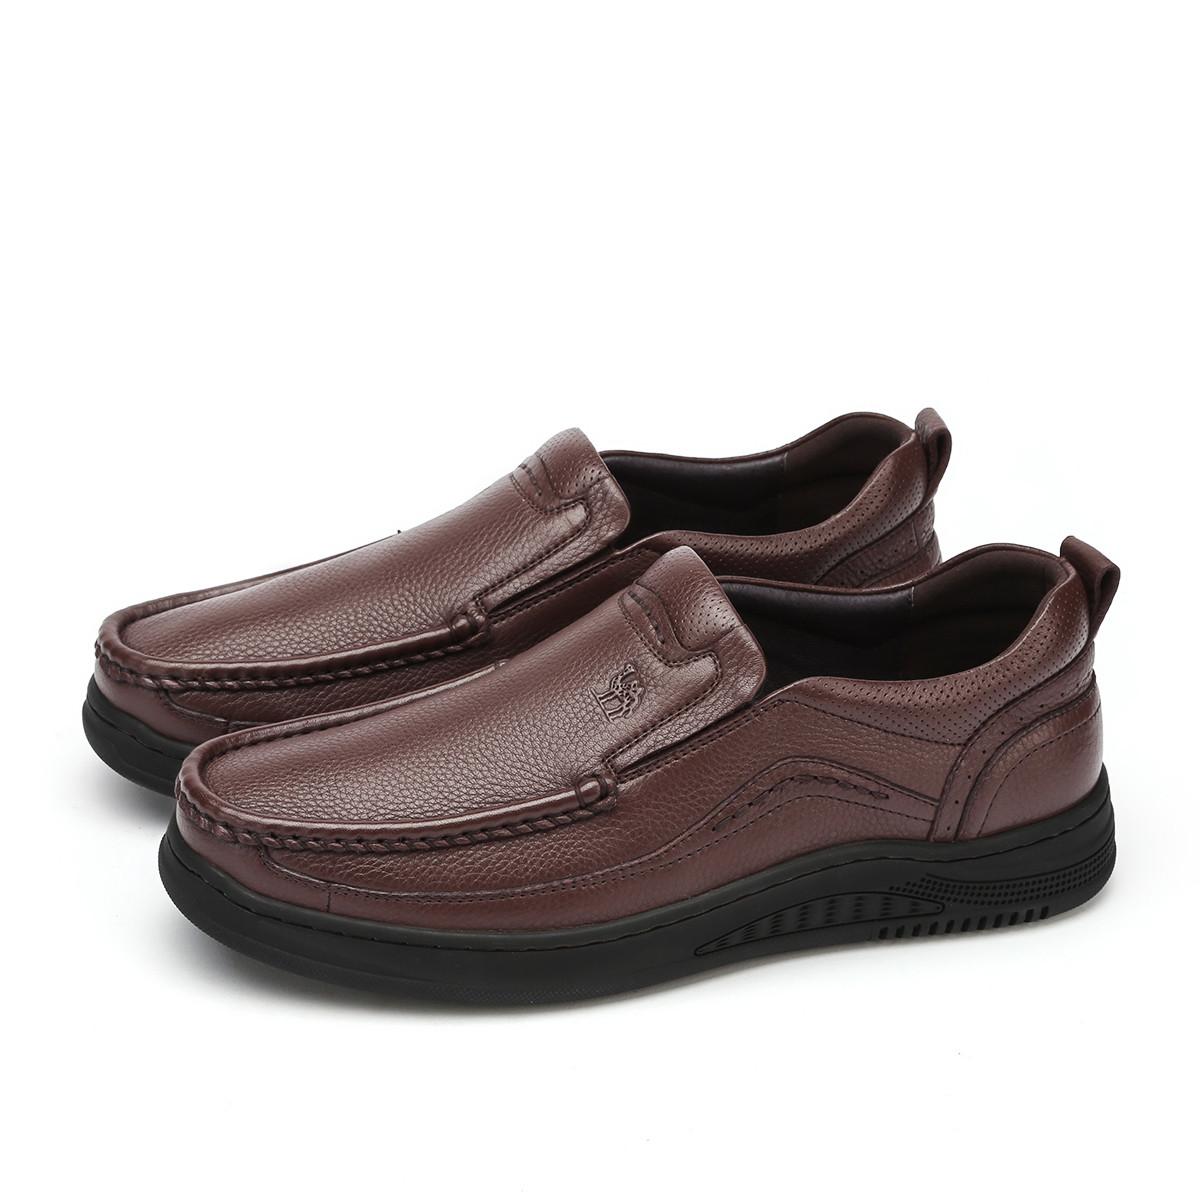 骆驼男款商务休闲鞋乐福鞋防滑吸汗英伦复古套脚鞋90820617932760AZ